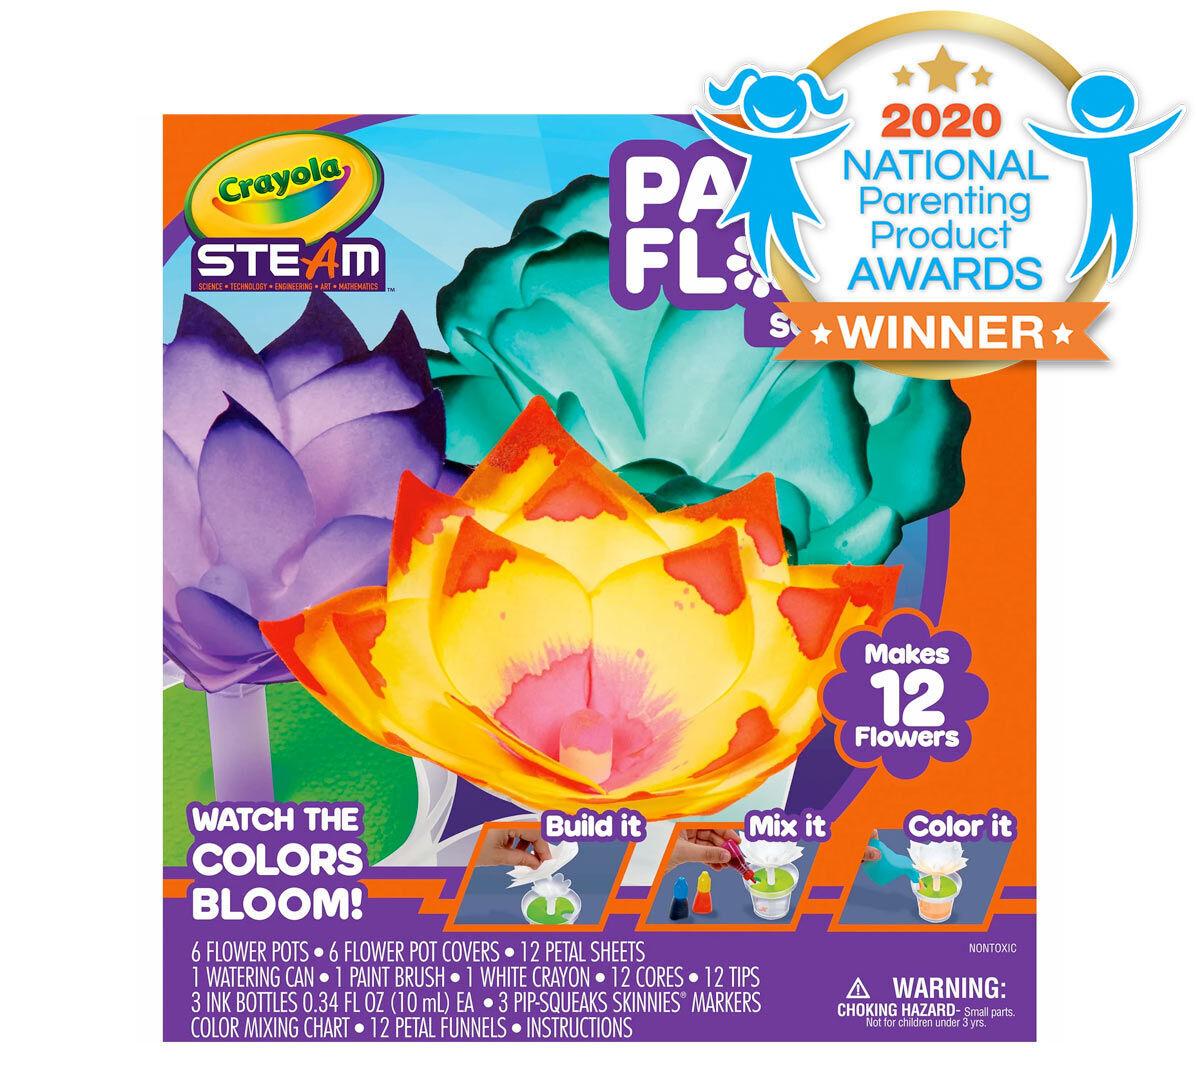 Crayola STEAM Paper Flower Kit